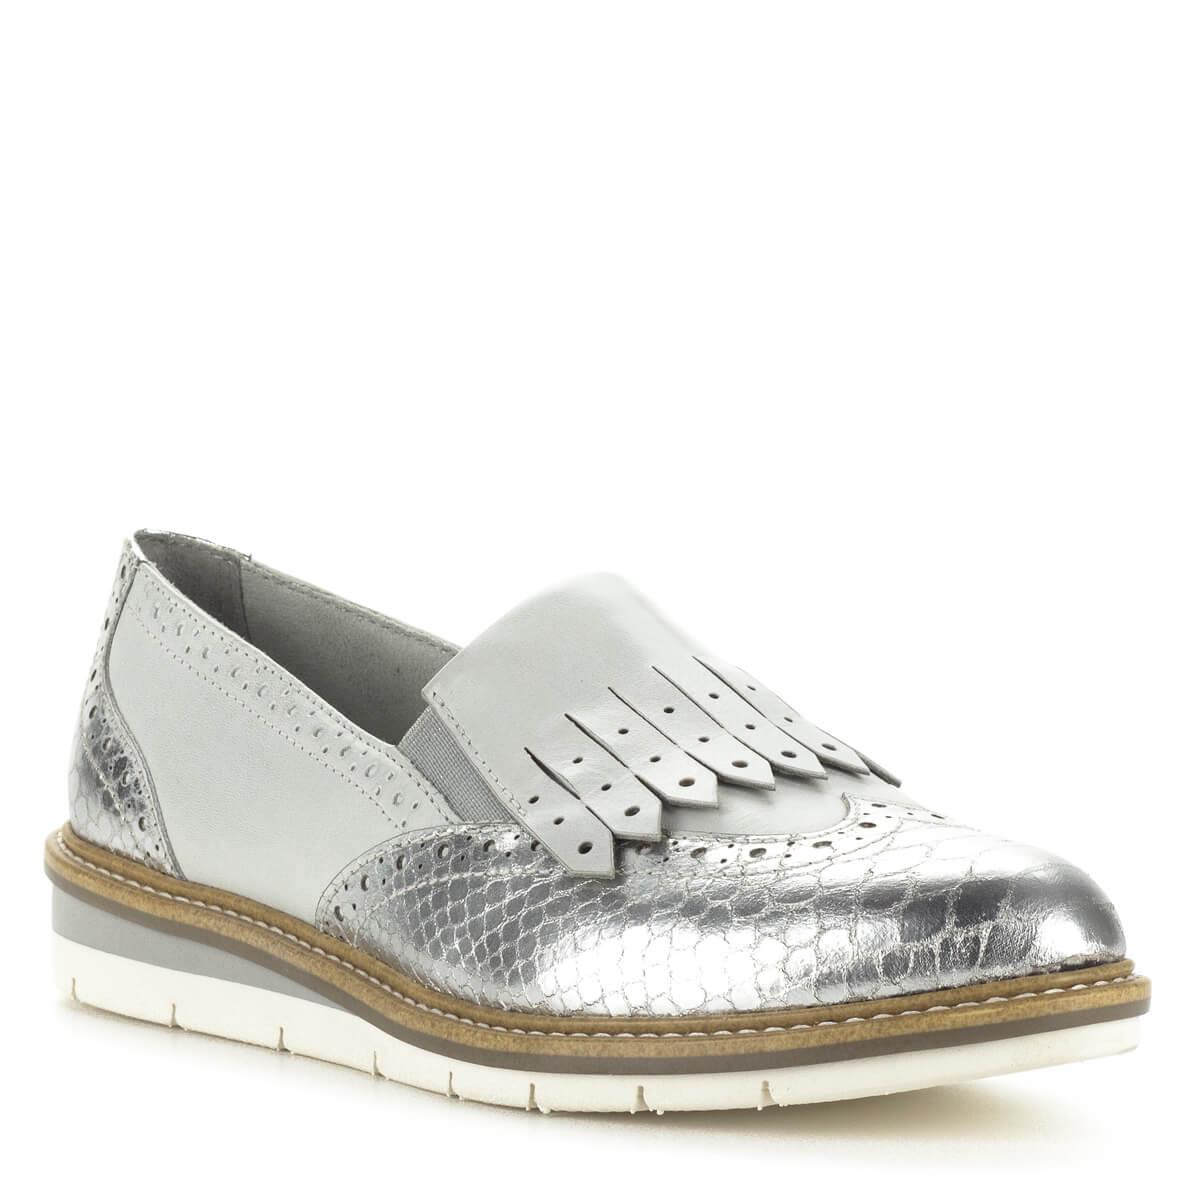 ... Tamaris női bőr cipő ezüst és törtfehér színben. Stílusos 6a418ea6e0